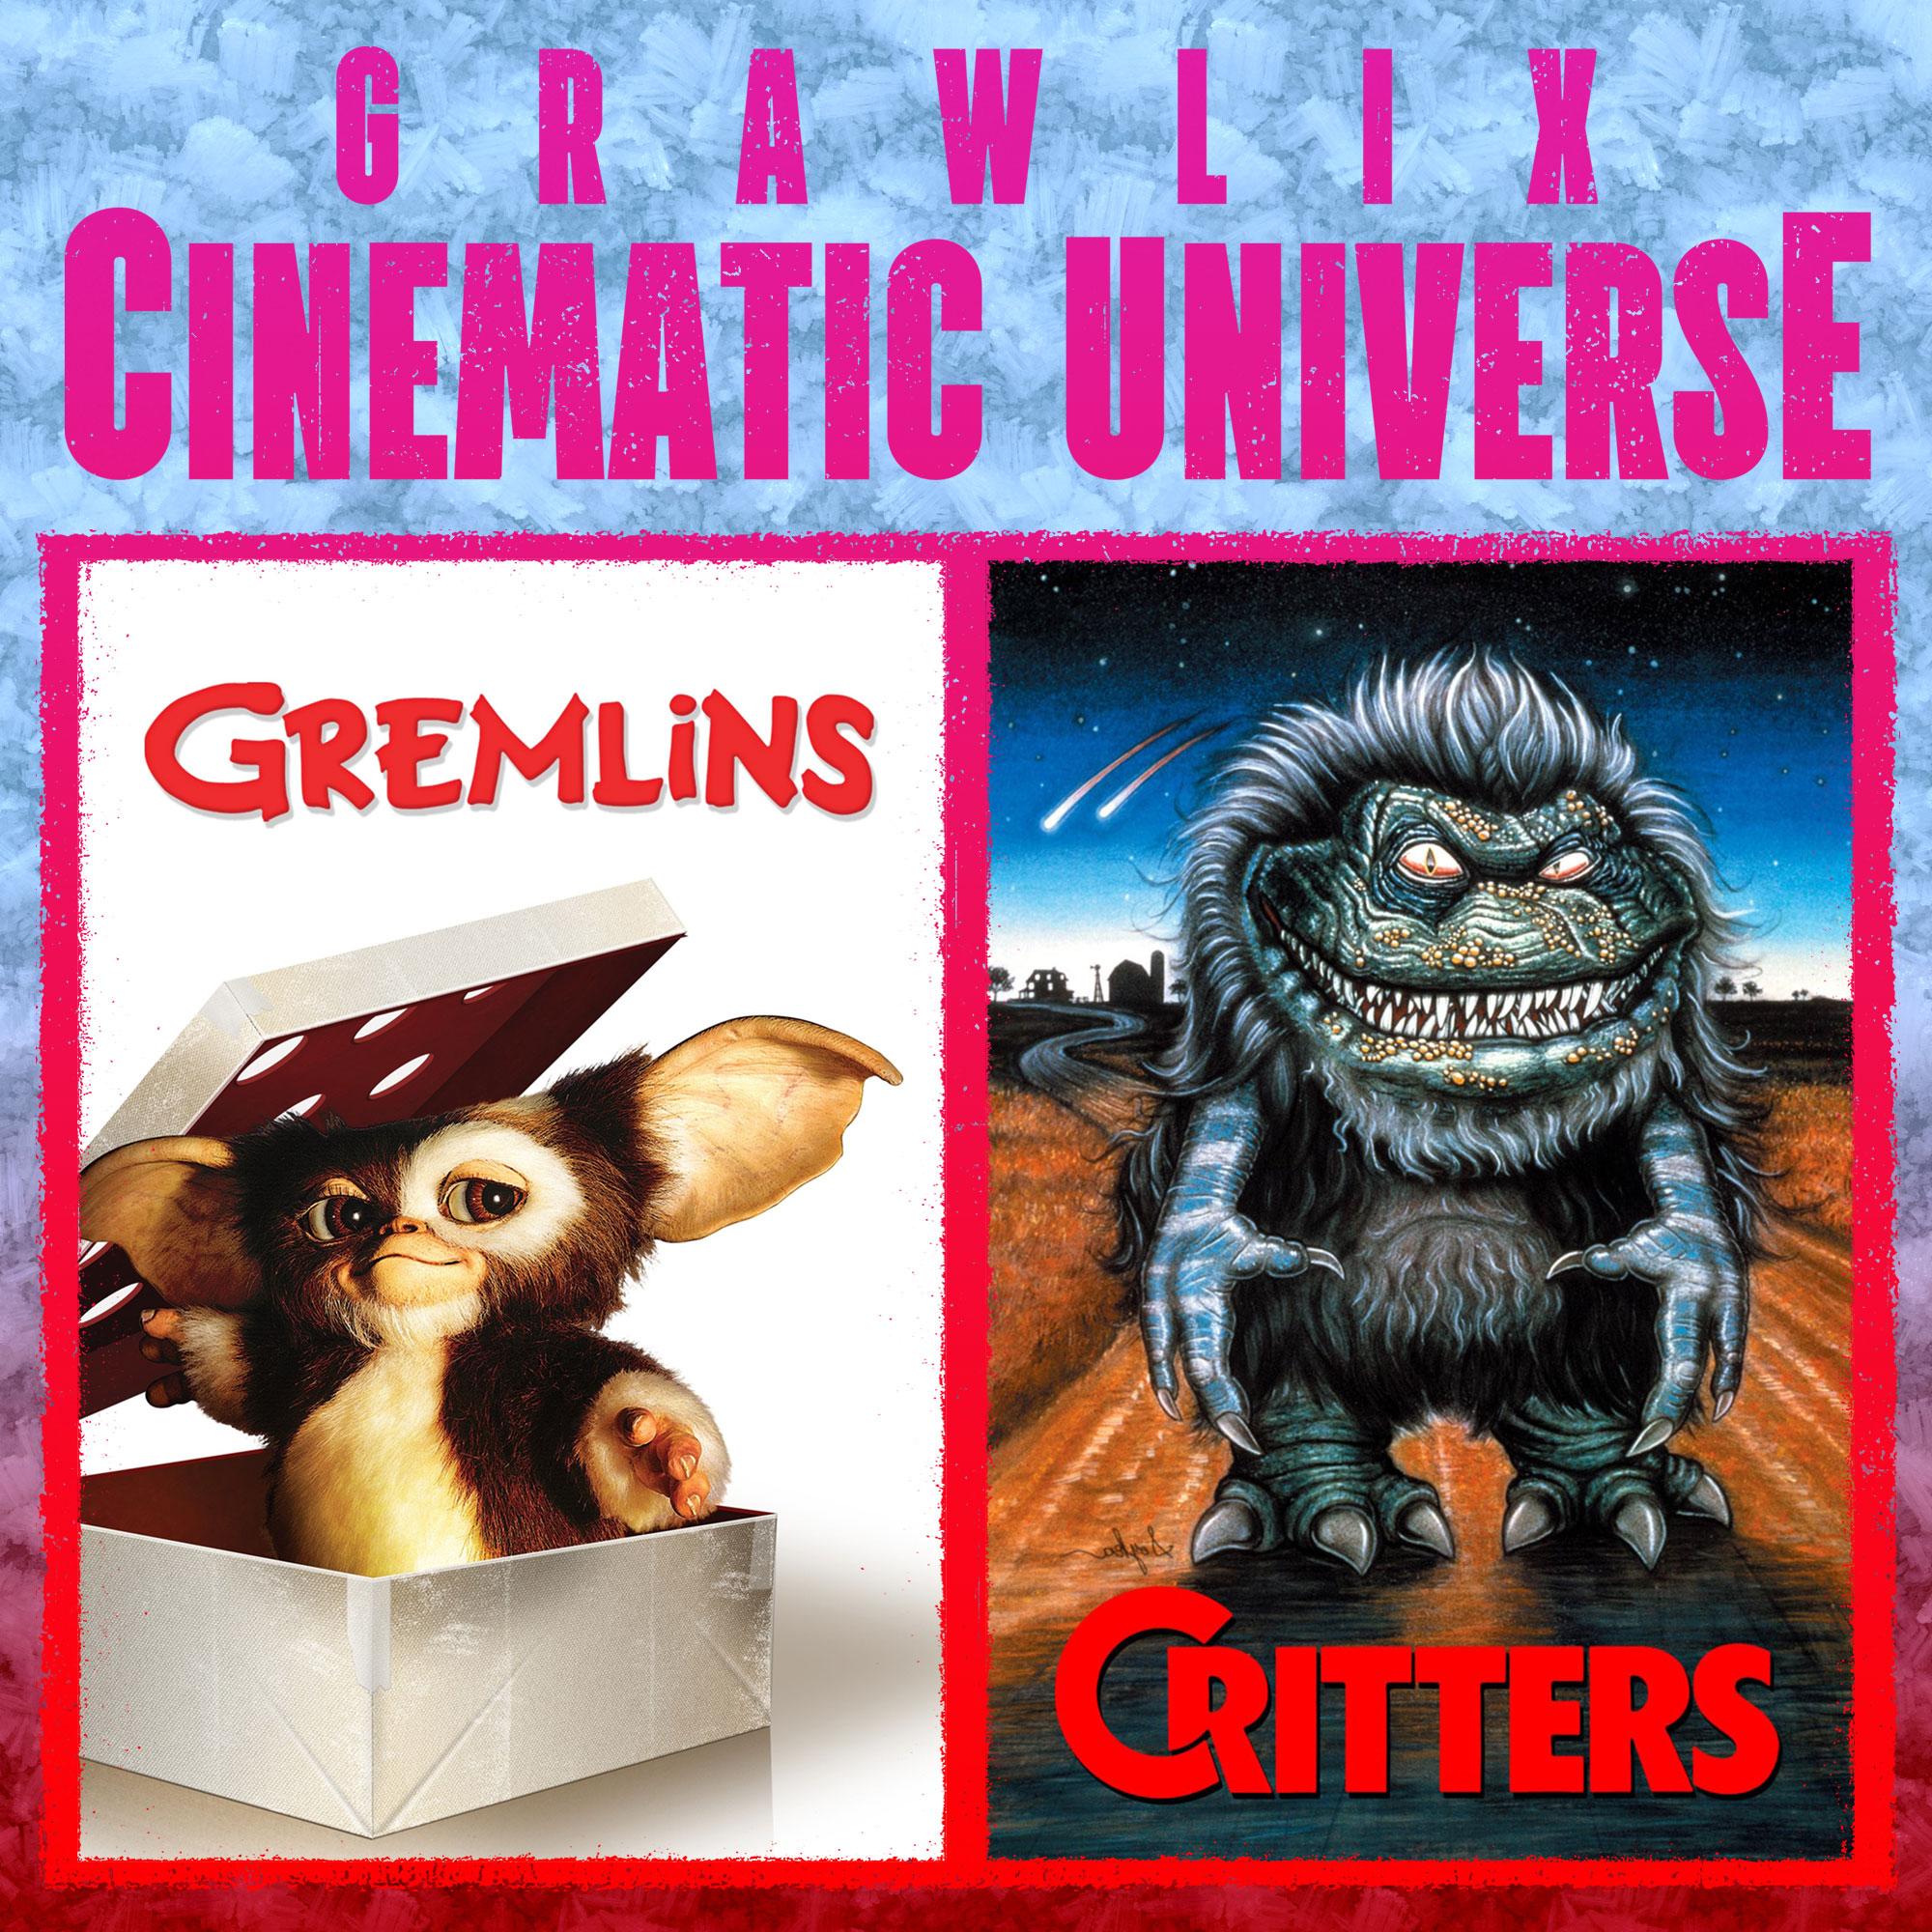 GCU #36: Critters & Gremlins